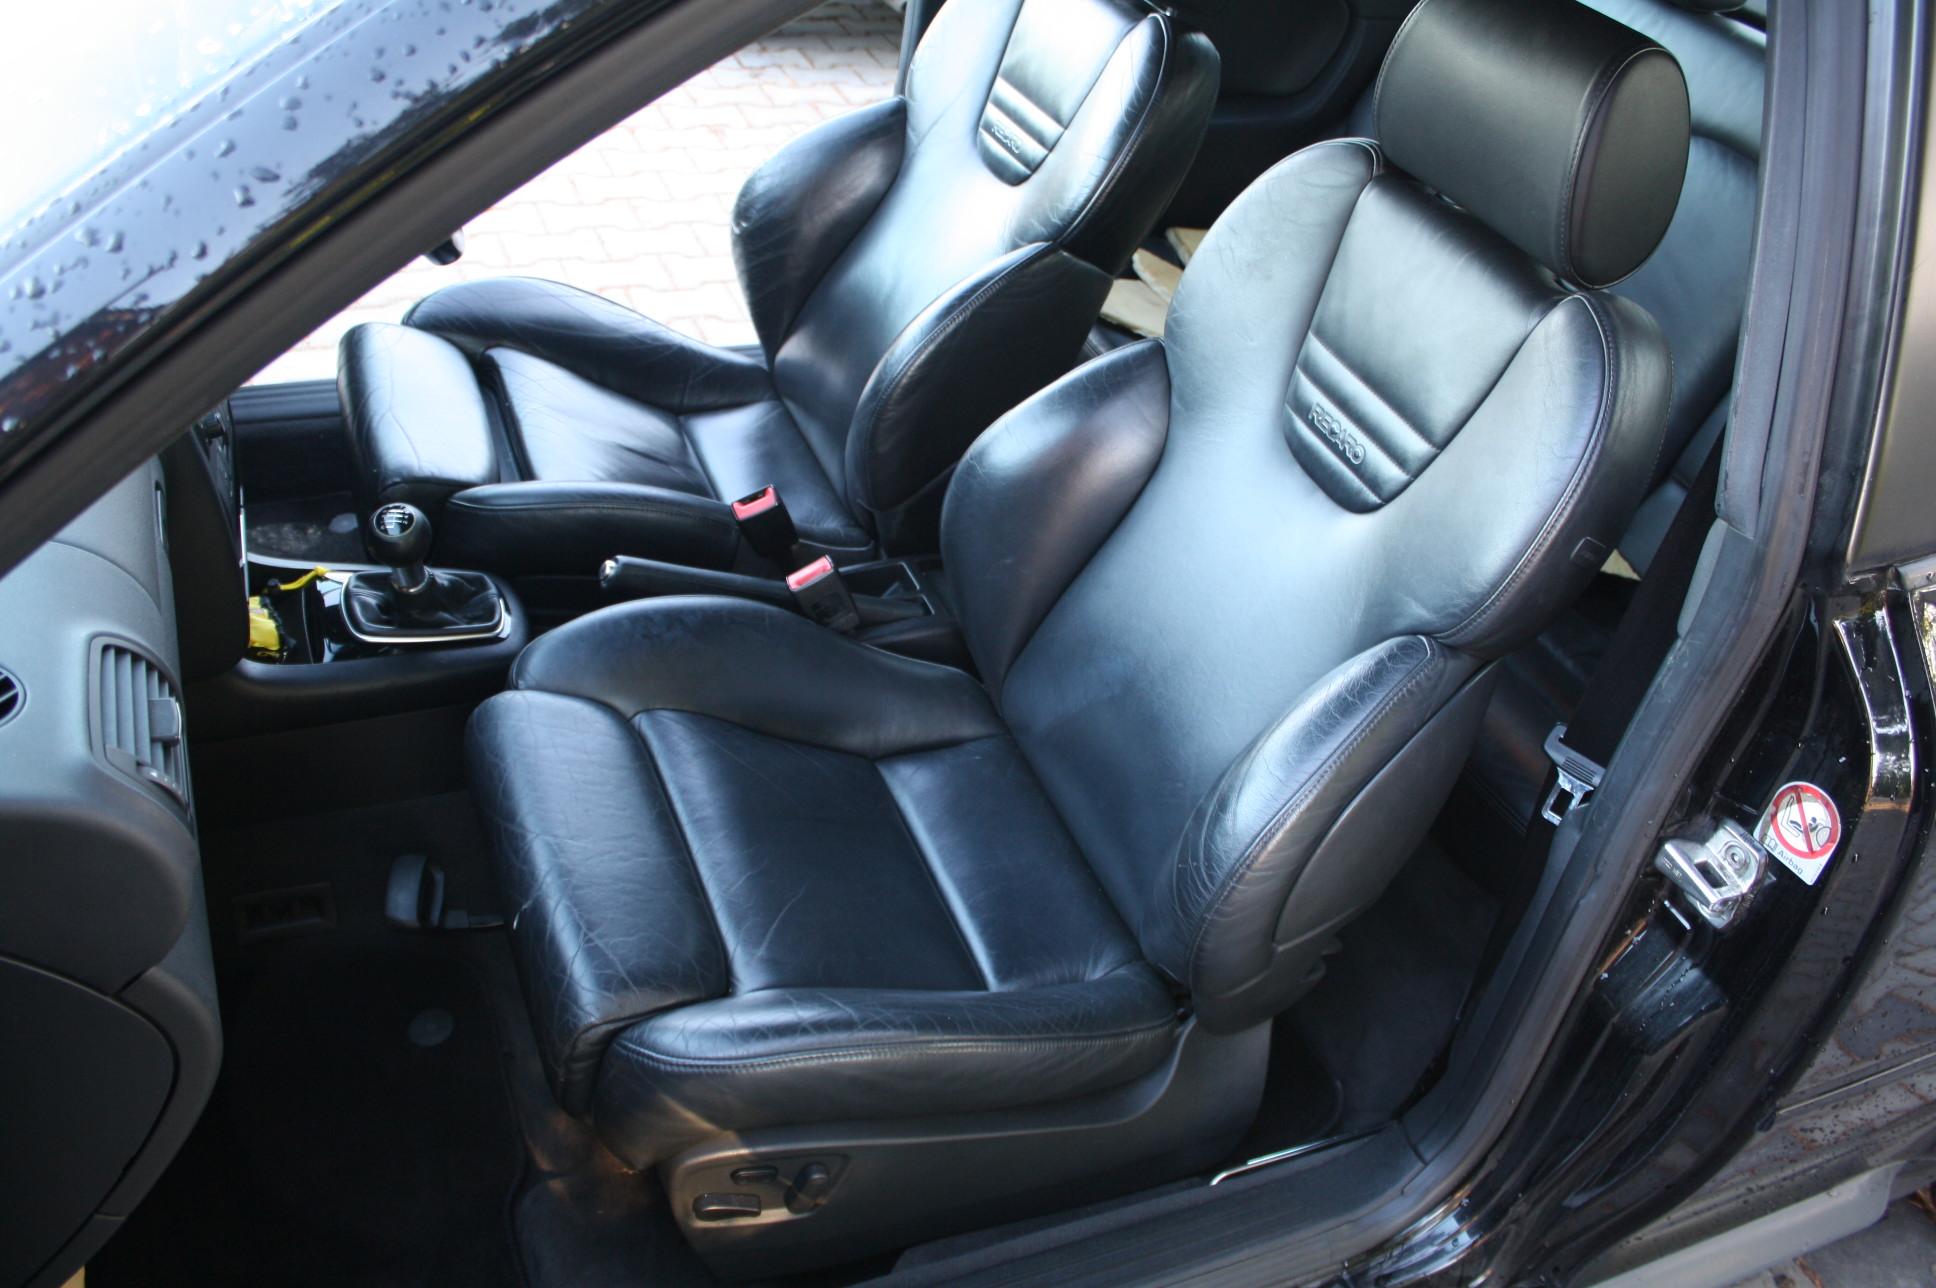 Fotele Skórzane Recaro Audi S3 8l Czarne Skóra Rs3 6954145415